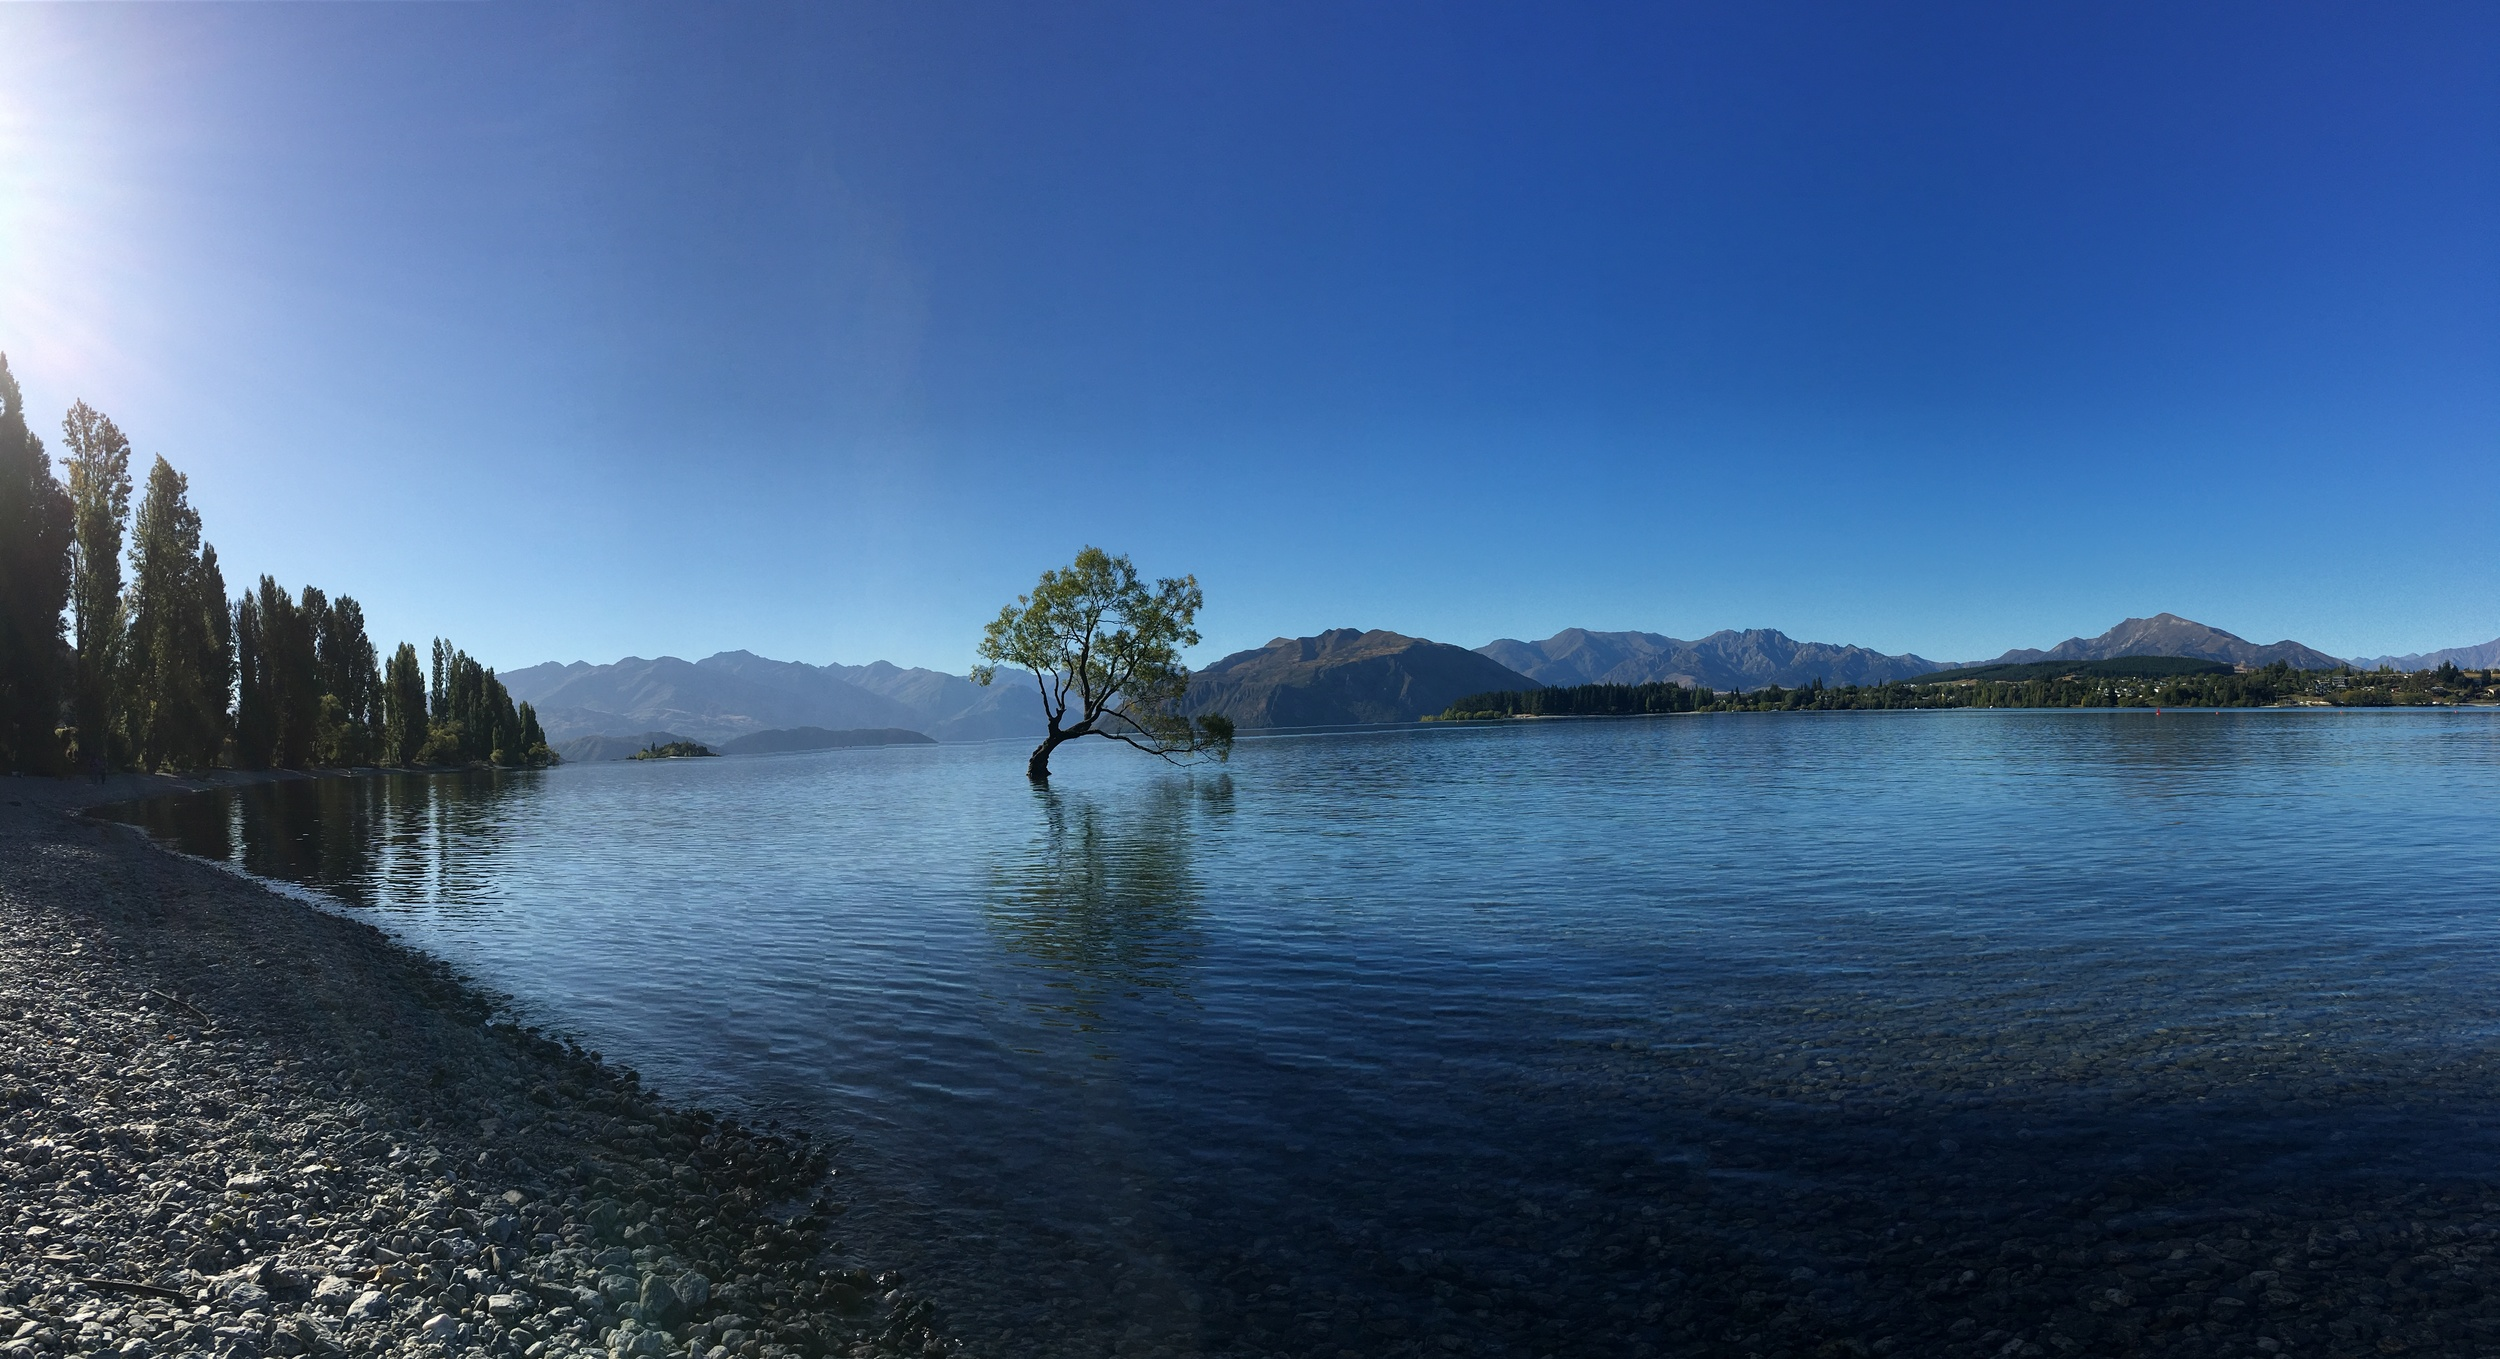 Wanaka's Lone Tree